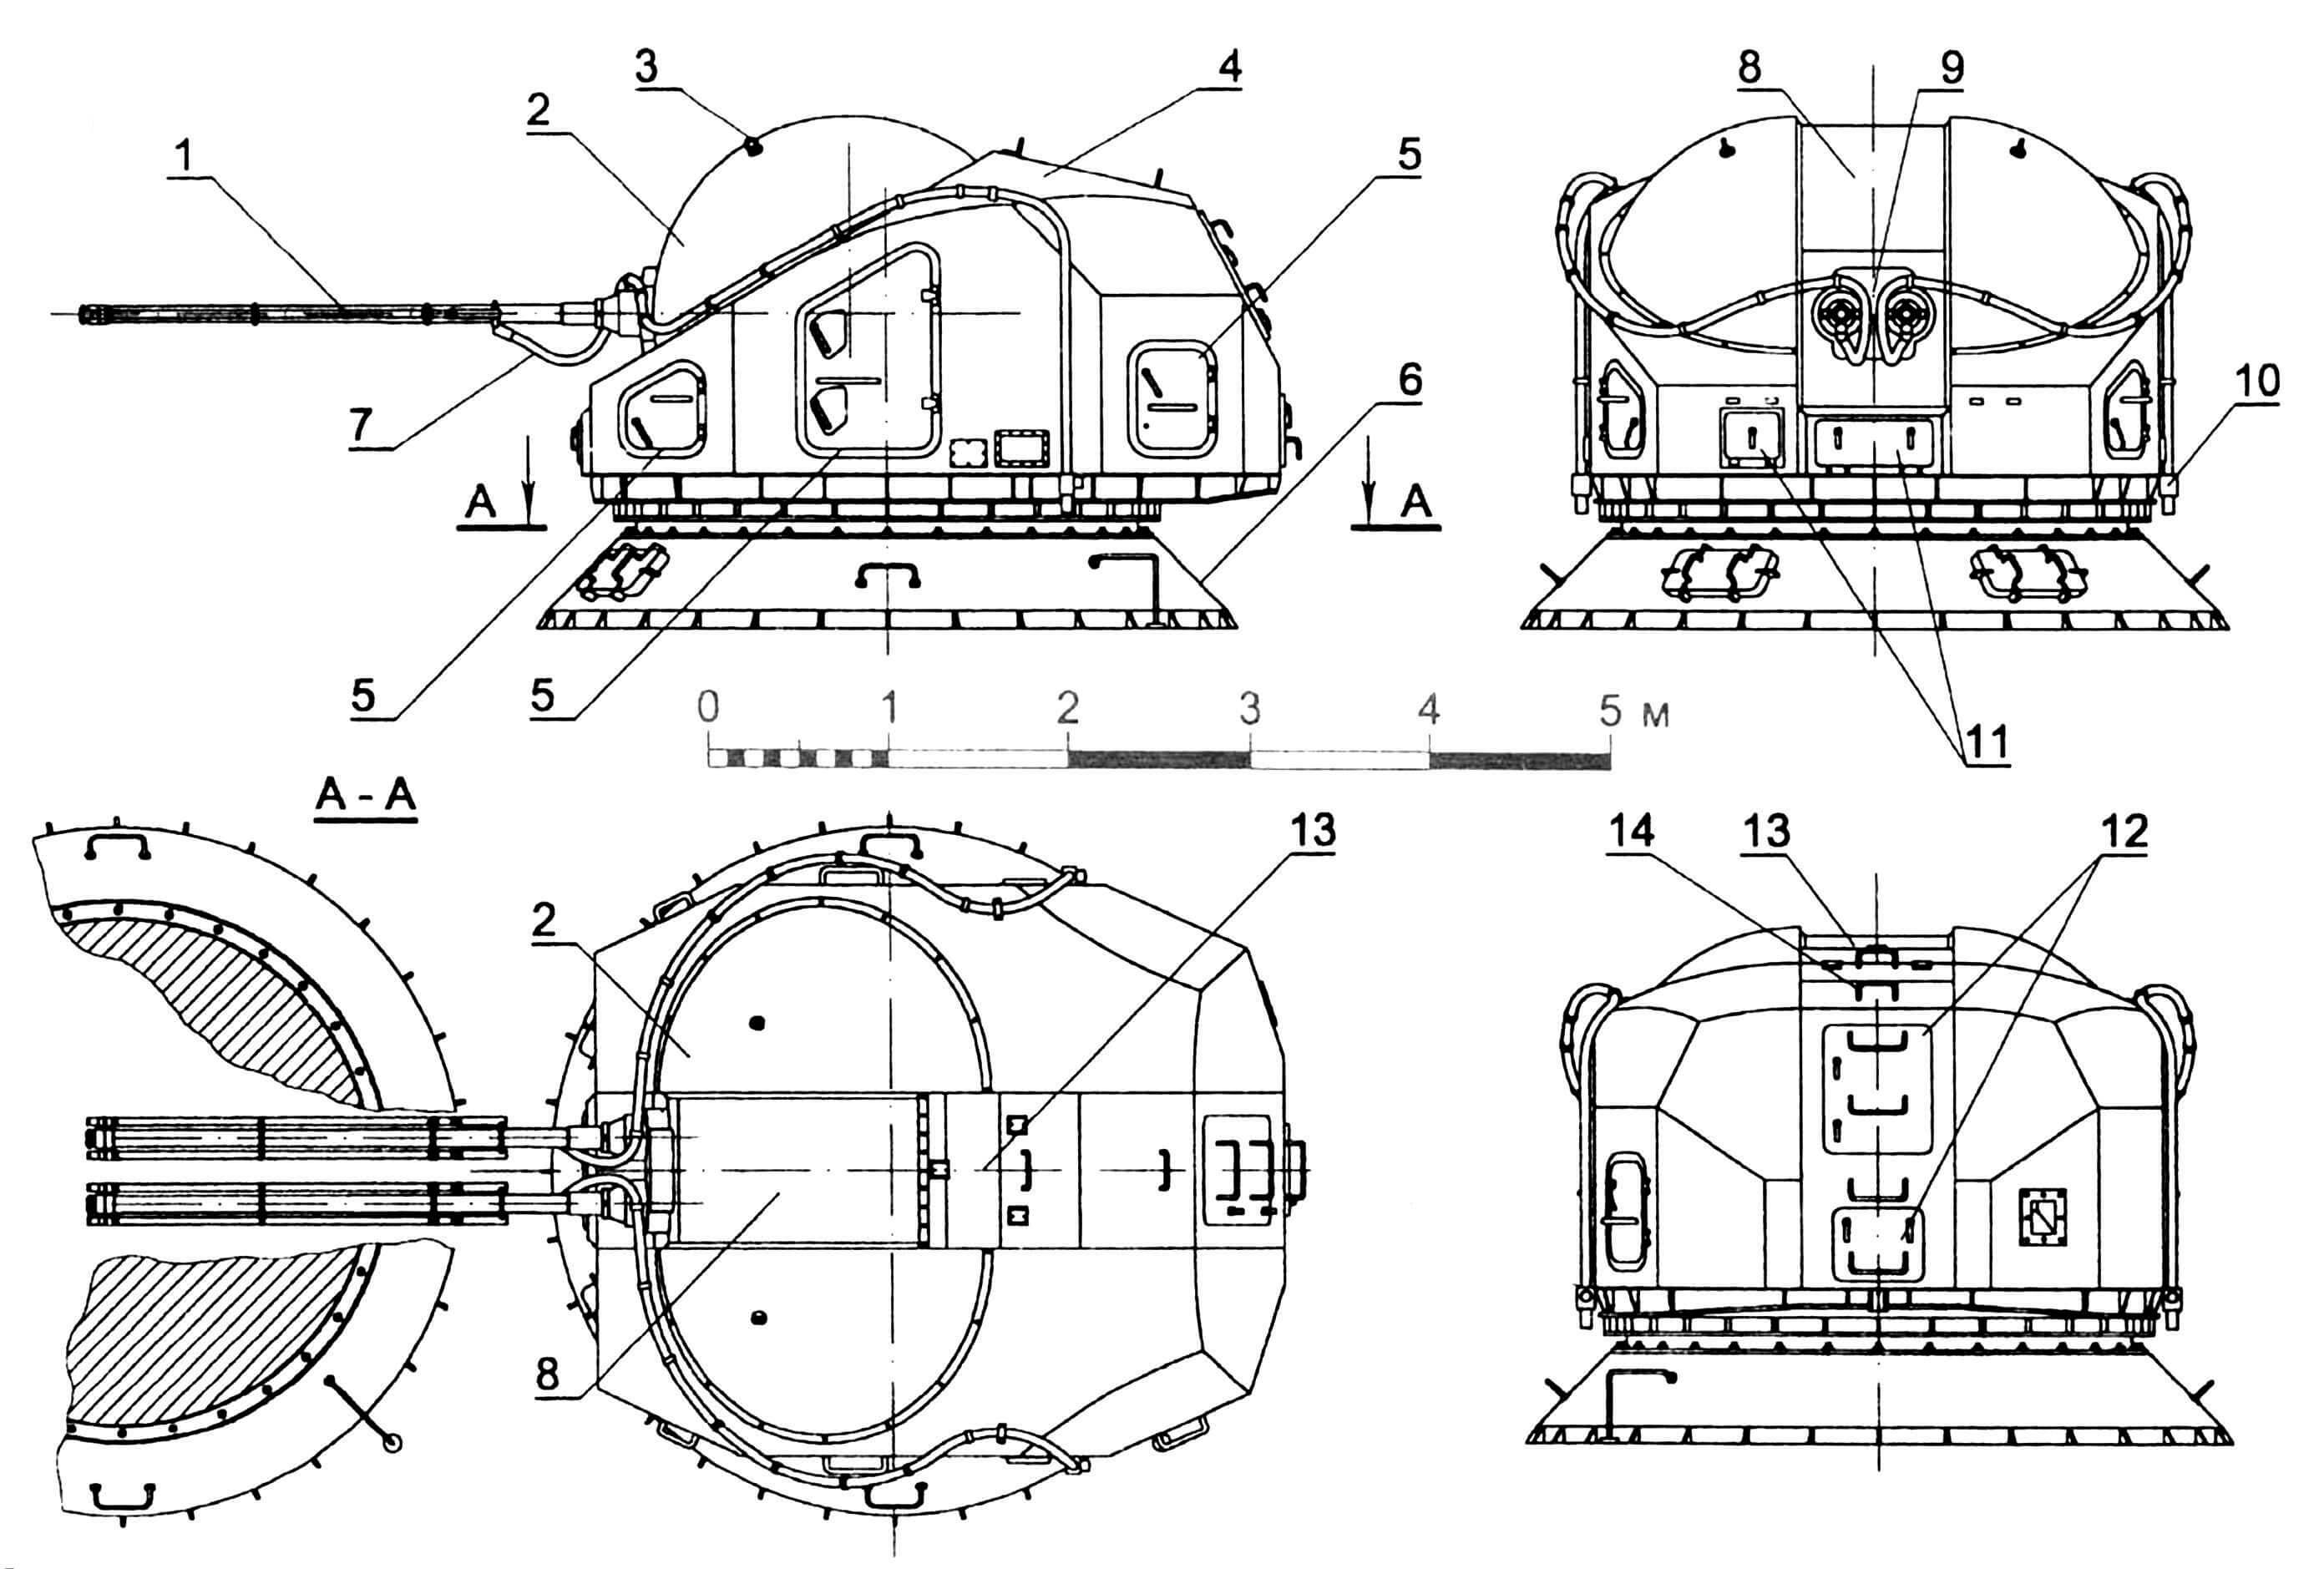 Общий вид артиллерийской установки АК-725: 1 — ствол орудия; 2 — колпаки защиты; 3— рым-болт (2 шт.); 4 — защита; 5 — двери; 6 — основание башни; 7 — шланг системы охлаждения ствола; 8 — щит подвижный; 9 — крышка; 10 —датчик температуры воды в системе охлаждения ствола; 11 — лючки технологические; 12 — люки доступа к казенной части орудий; 13 — козырек; 14 — скоб-трап.